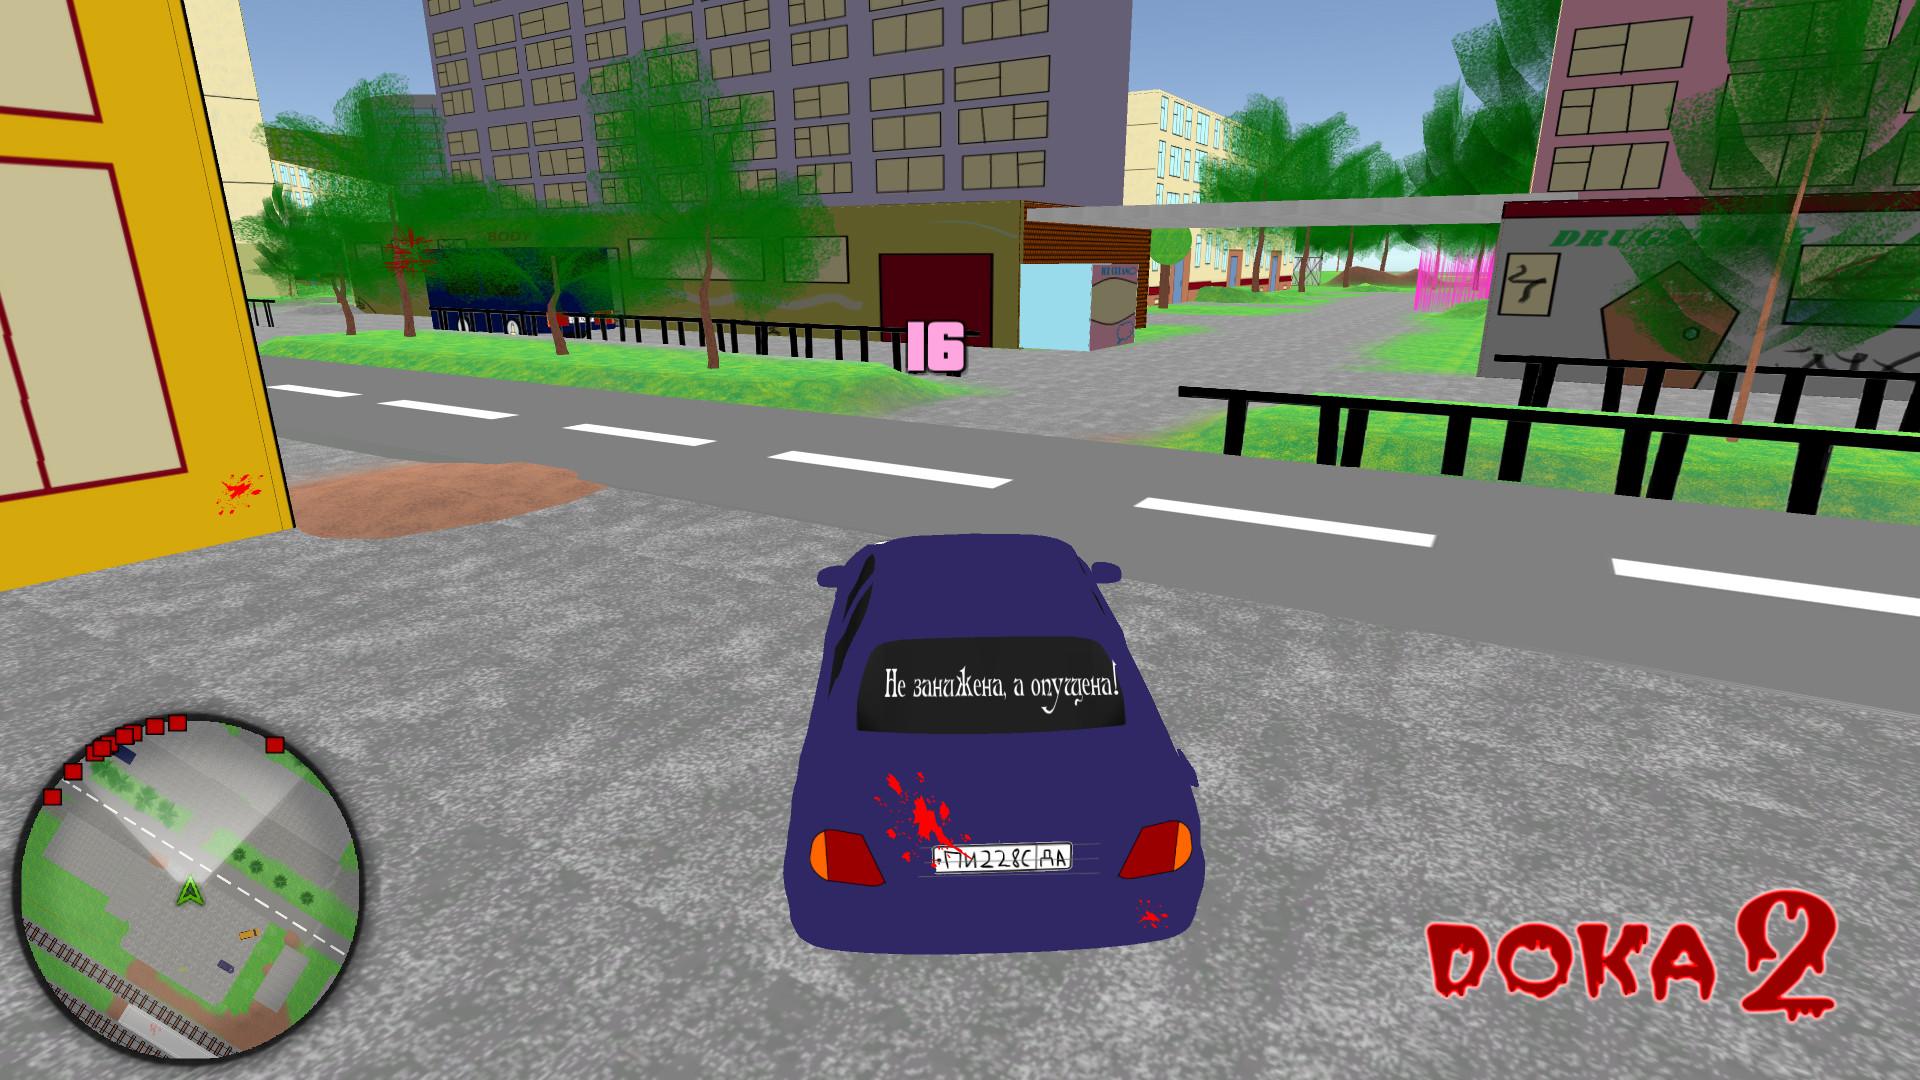 DOKA 2 screenshot